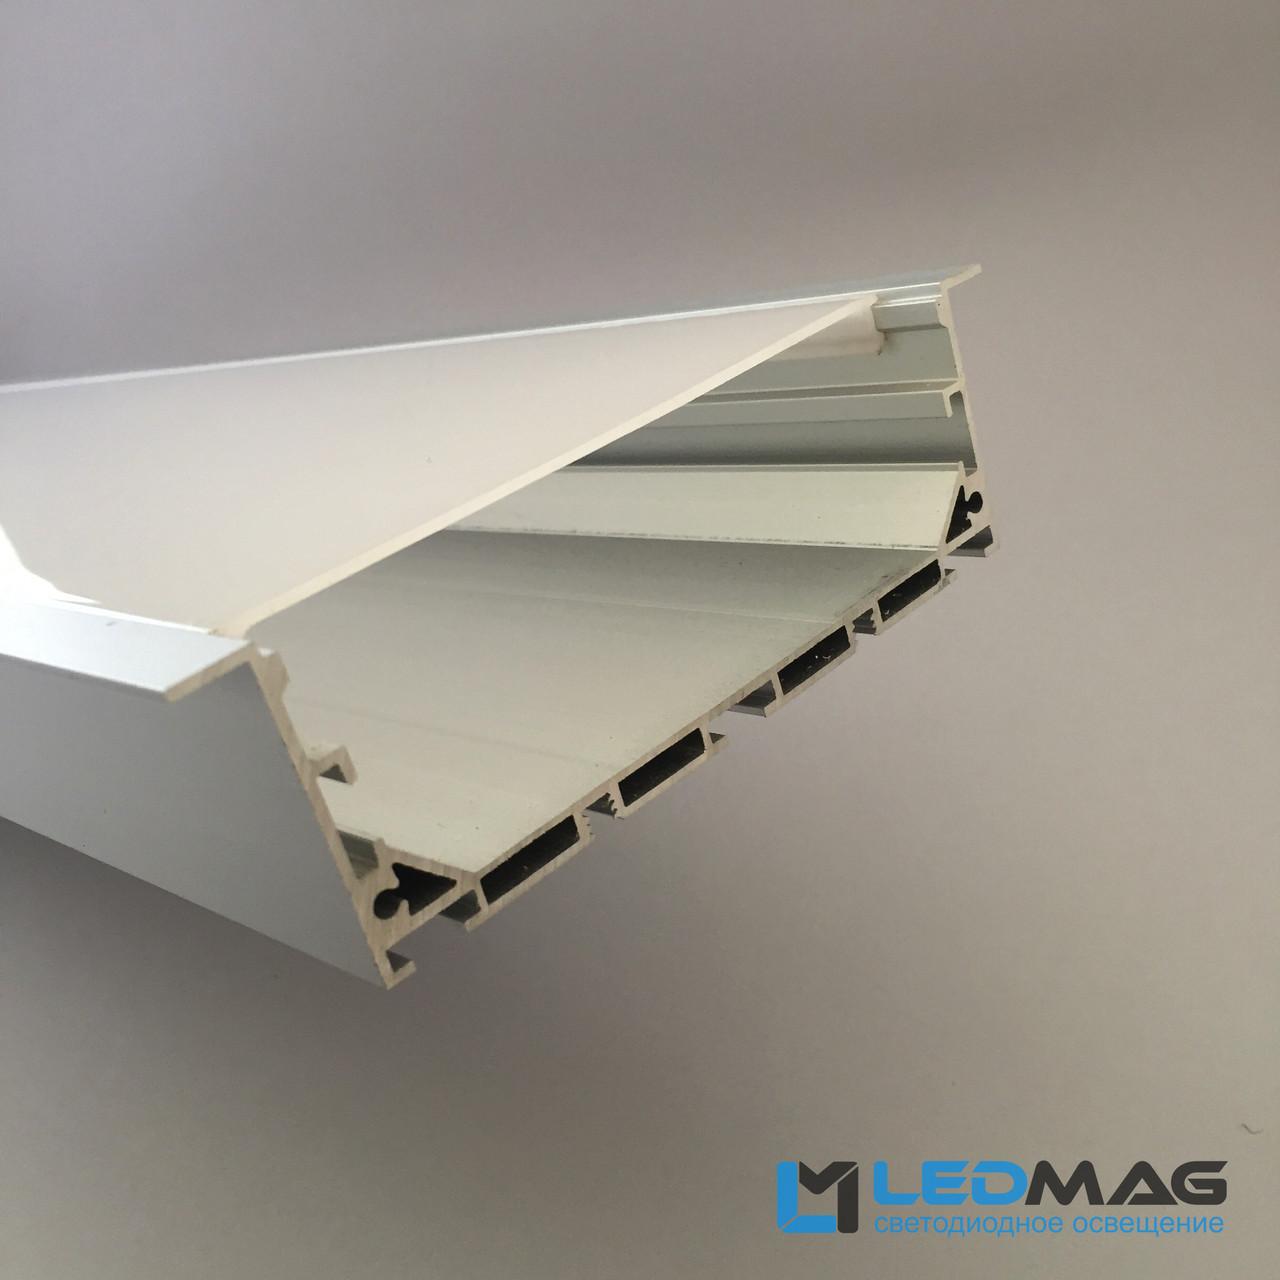 Широкий светодиодный профиль для лед ленты встраиваемый 115(100)х35 мм + рассеиватель в комплекте